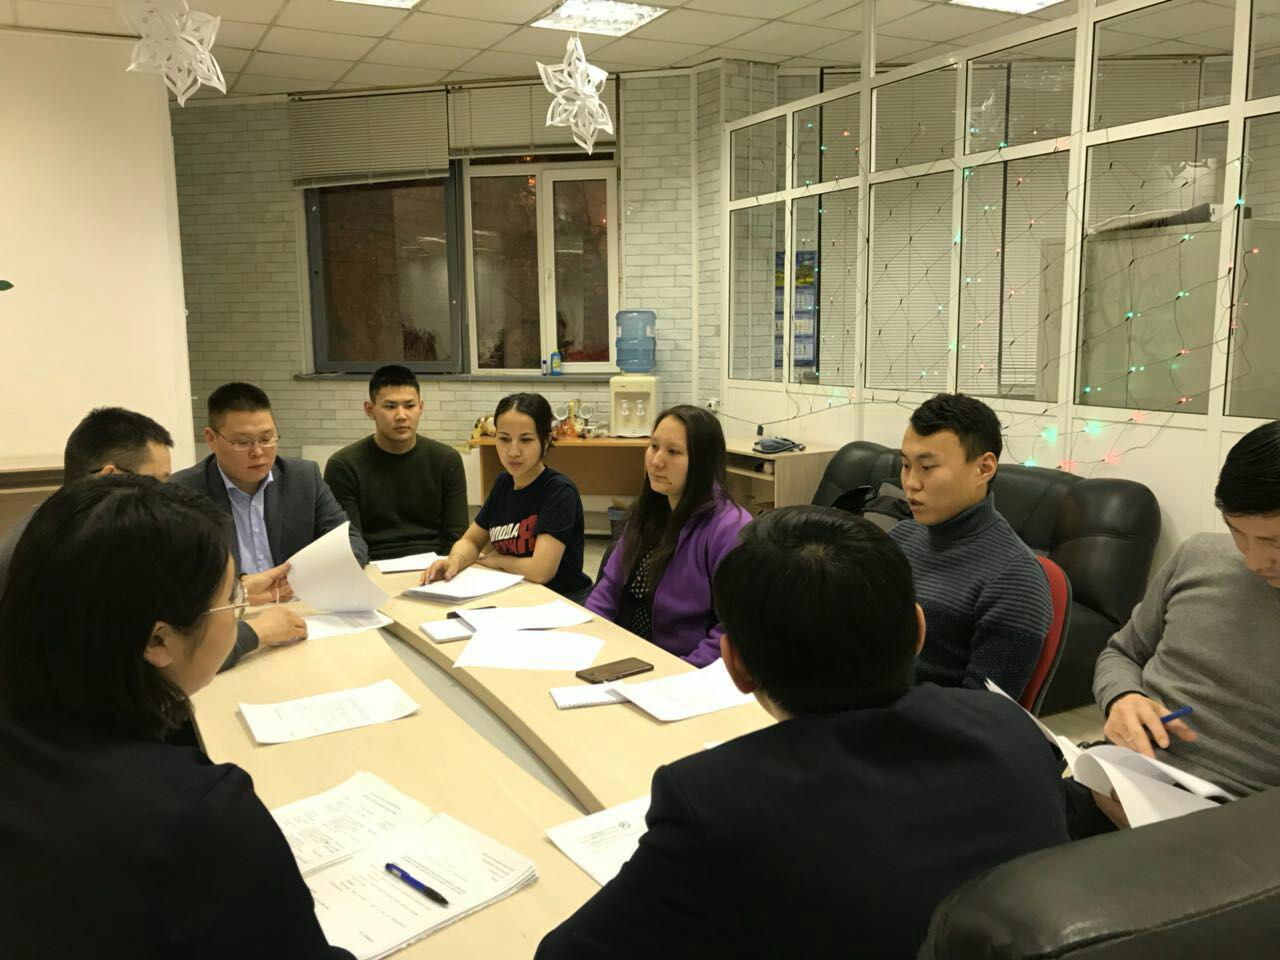 Участники проекта «Школа парламентаризма» работают с реальными законопроектами